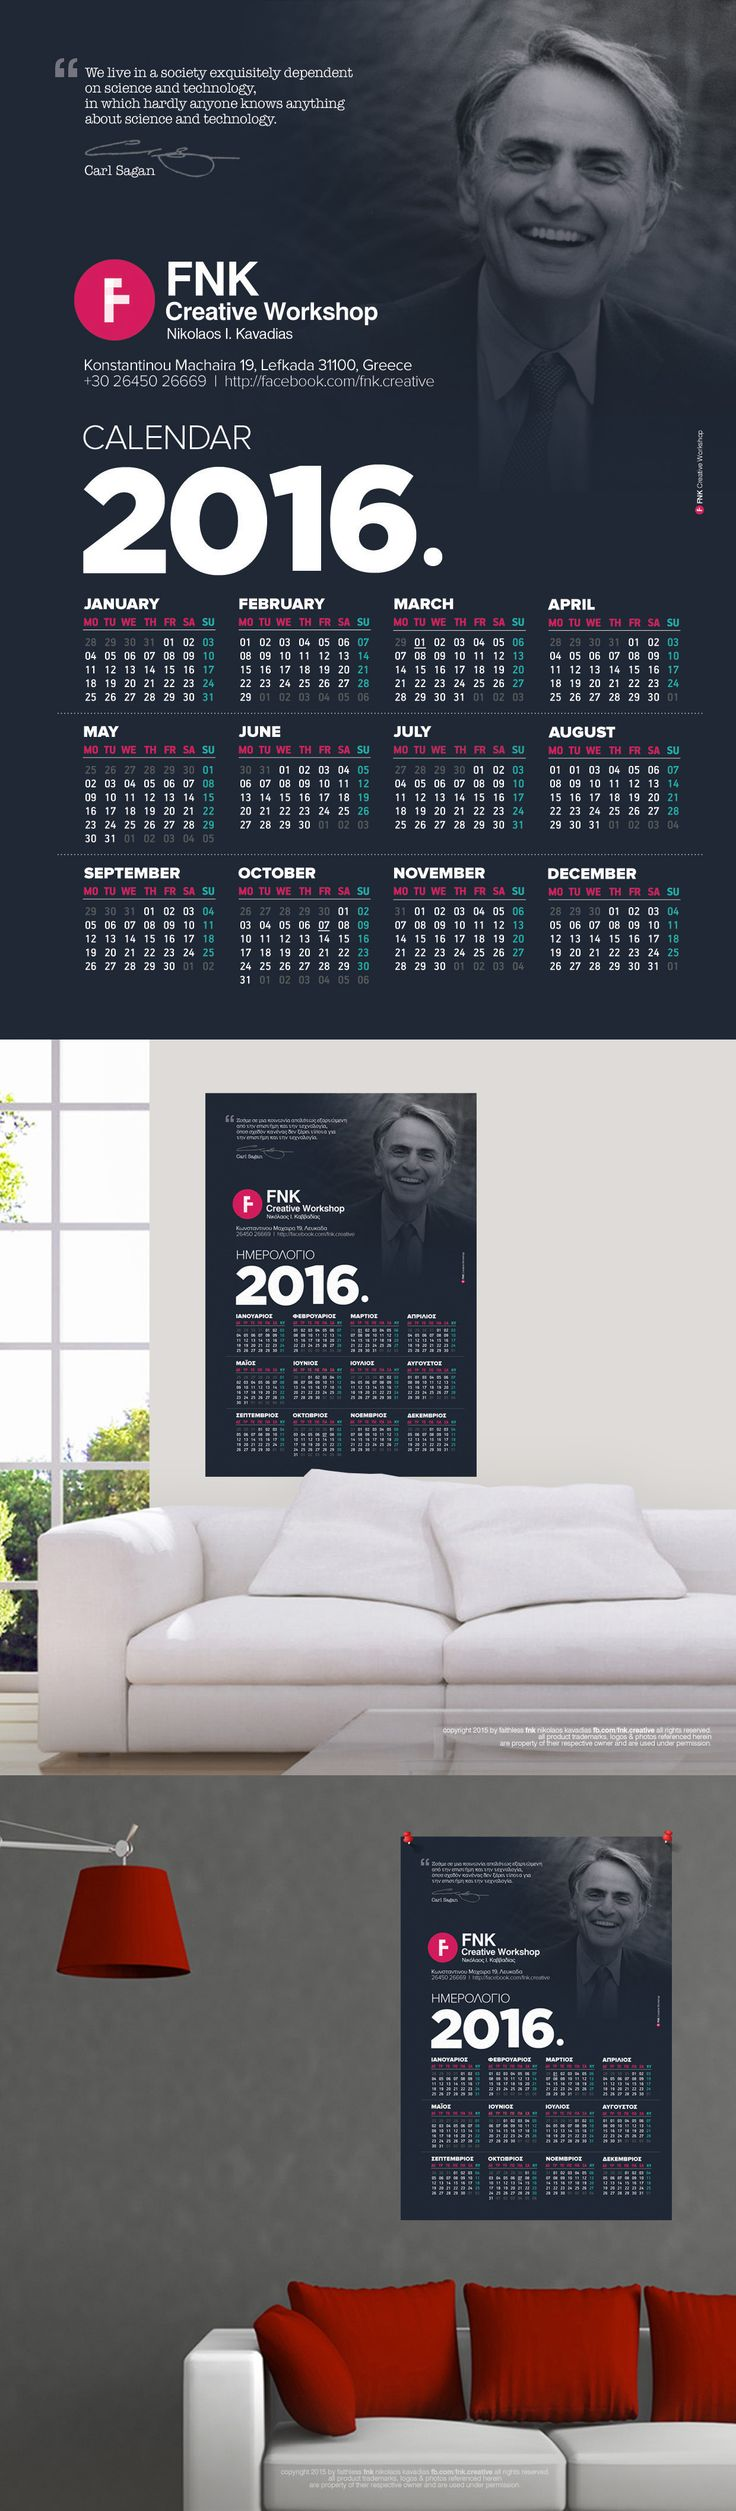 FNK 2016 Calendar (Dark Version)  Download for FREE: http://bit.ly/1IGrN2a